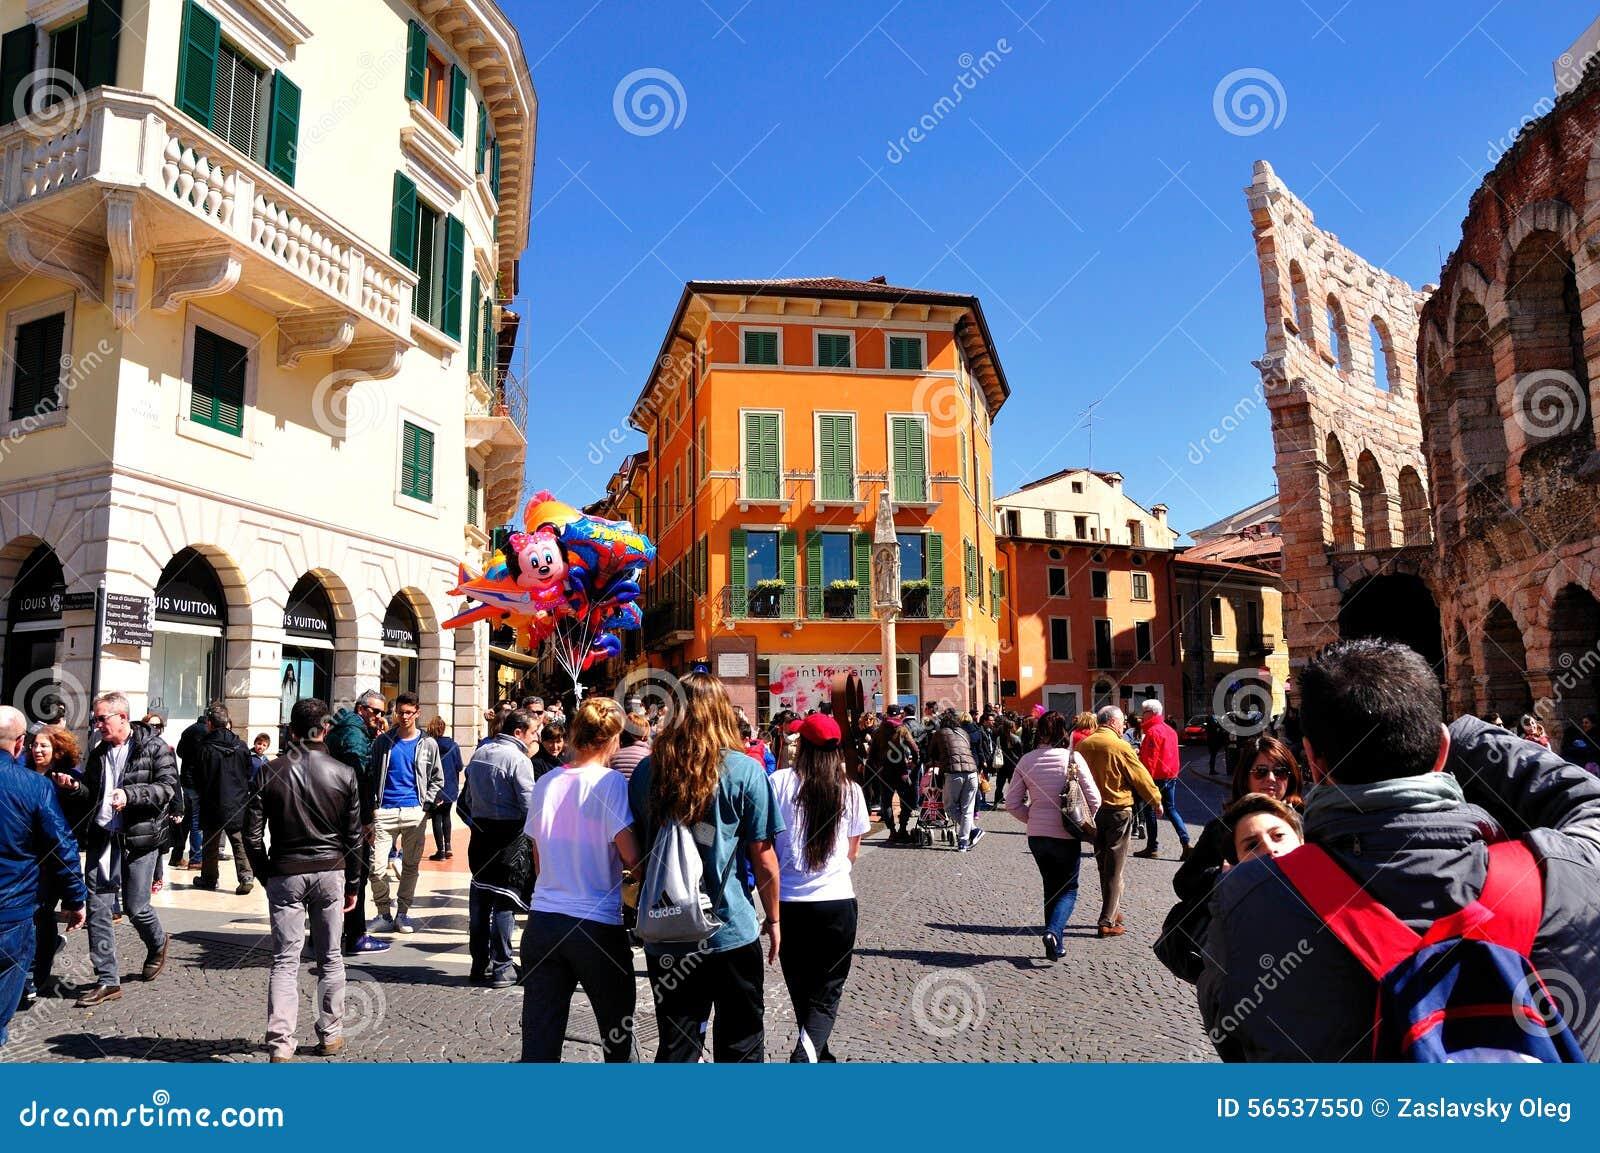 Verona town square.